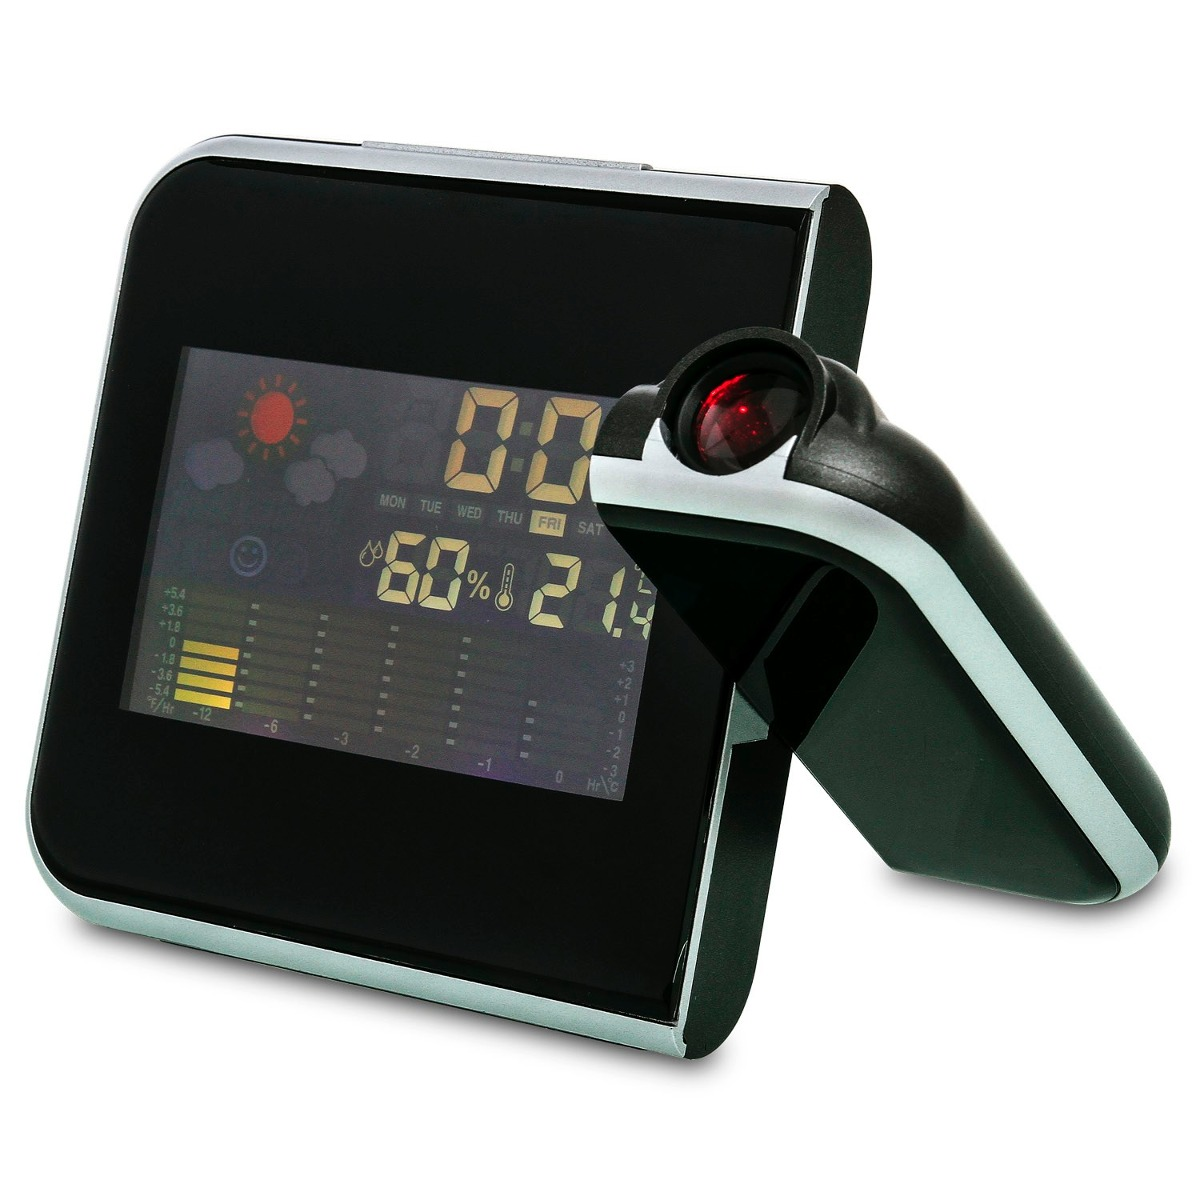 Relógio Despertador Digital com Projetor e Temperatura DS-8190